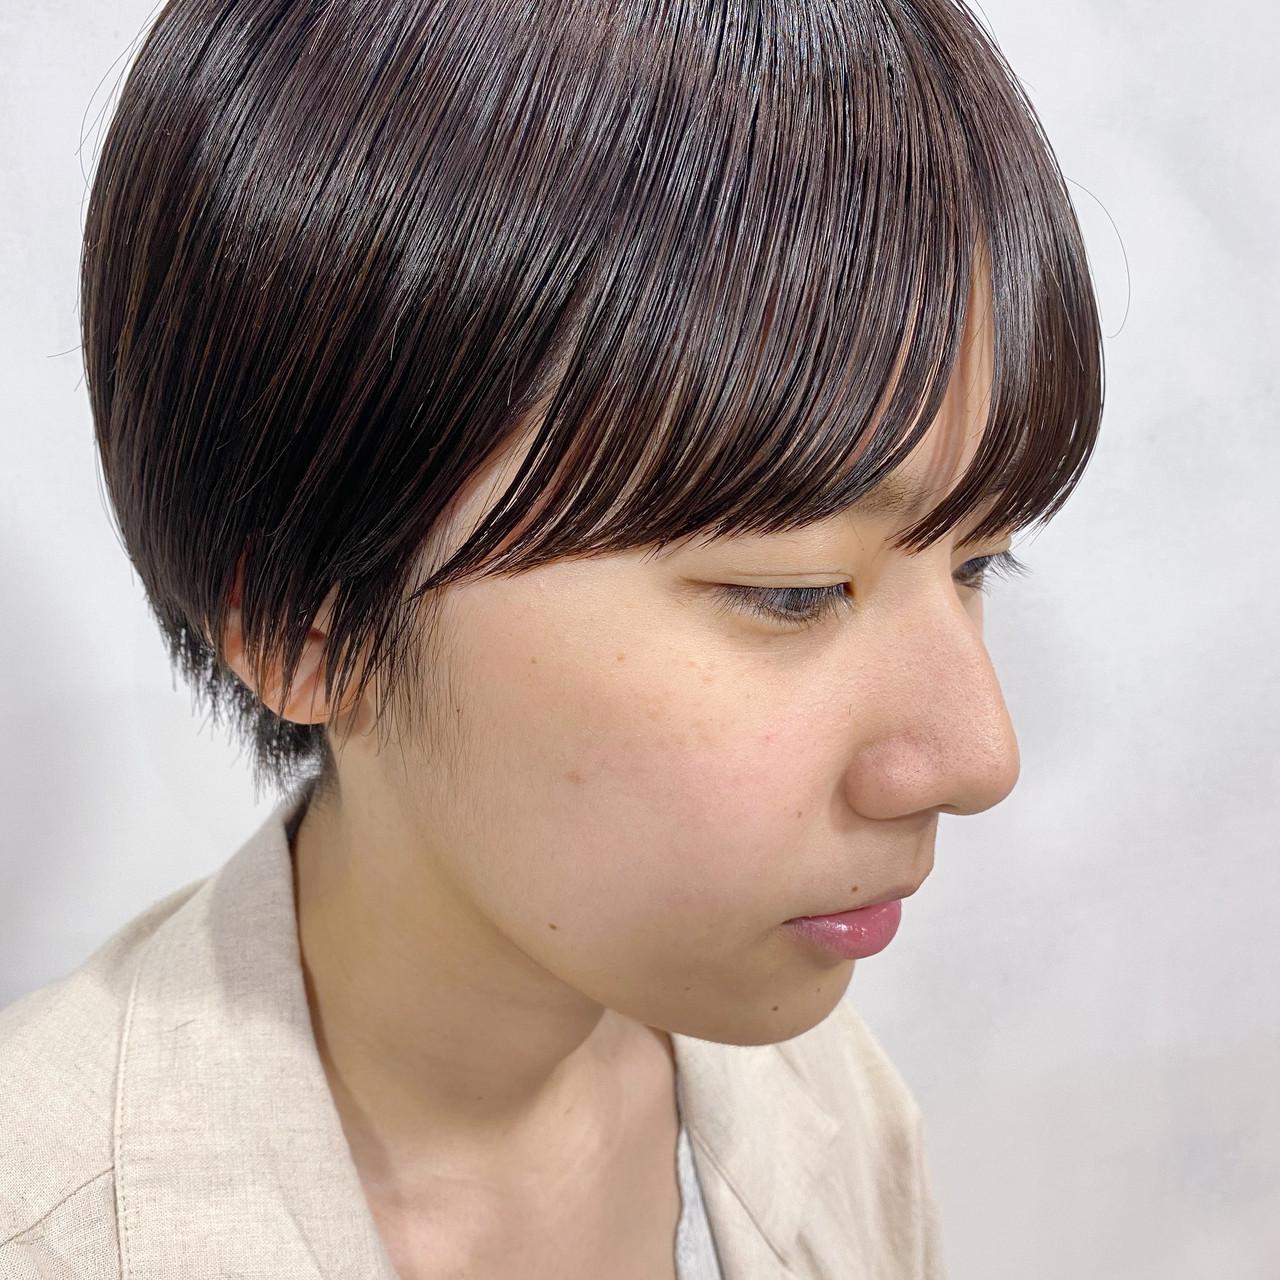 マッシュショート ヘアオイル ショート ベリーショート ヘアスタイルや髪型の写真・画像